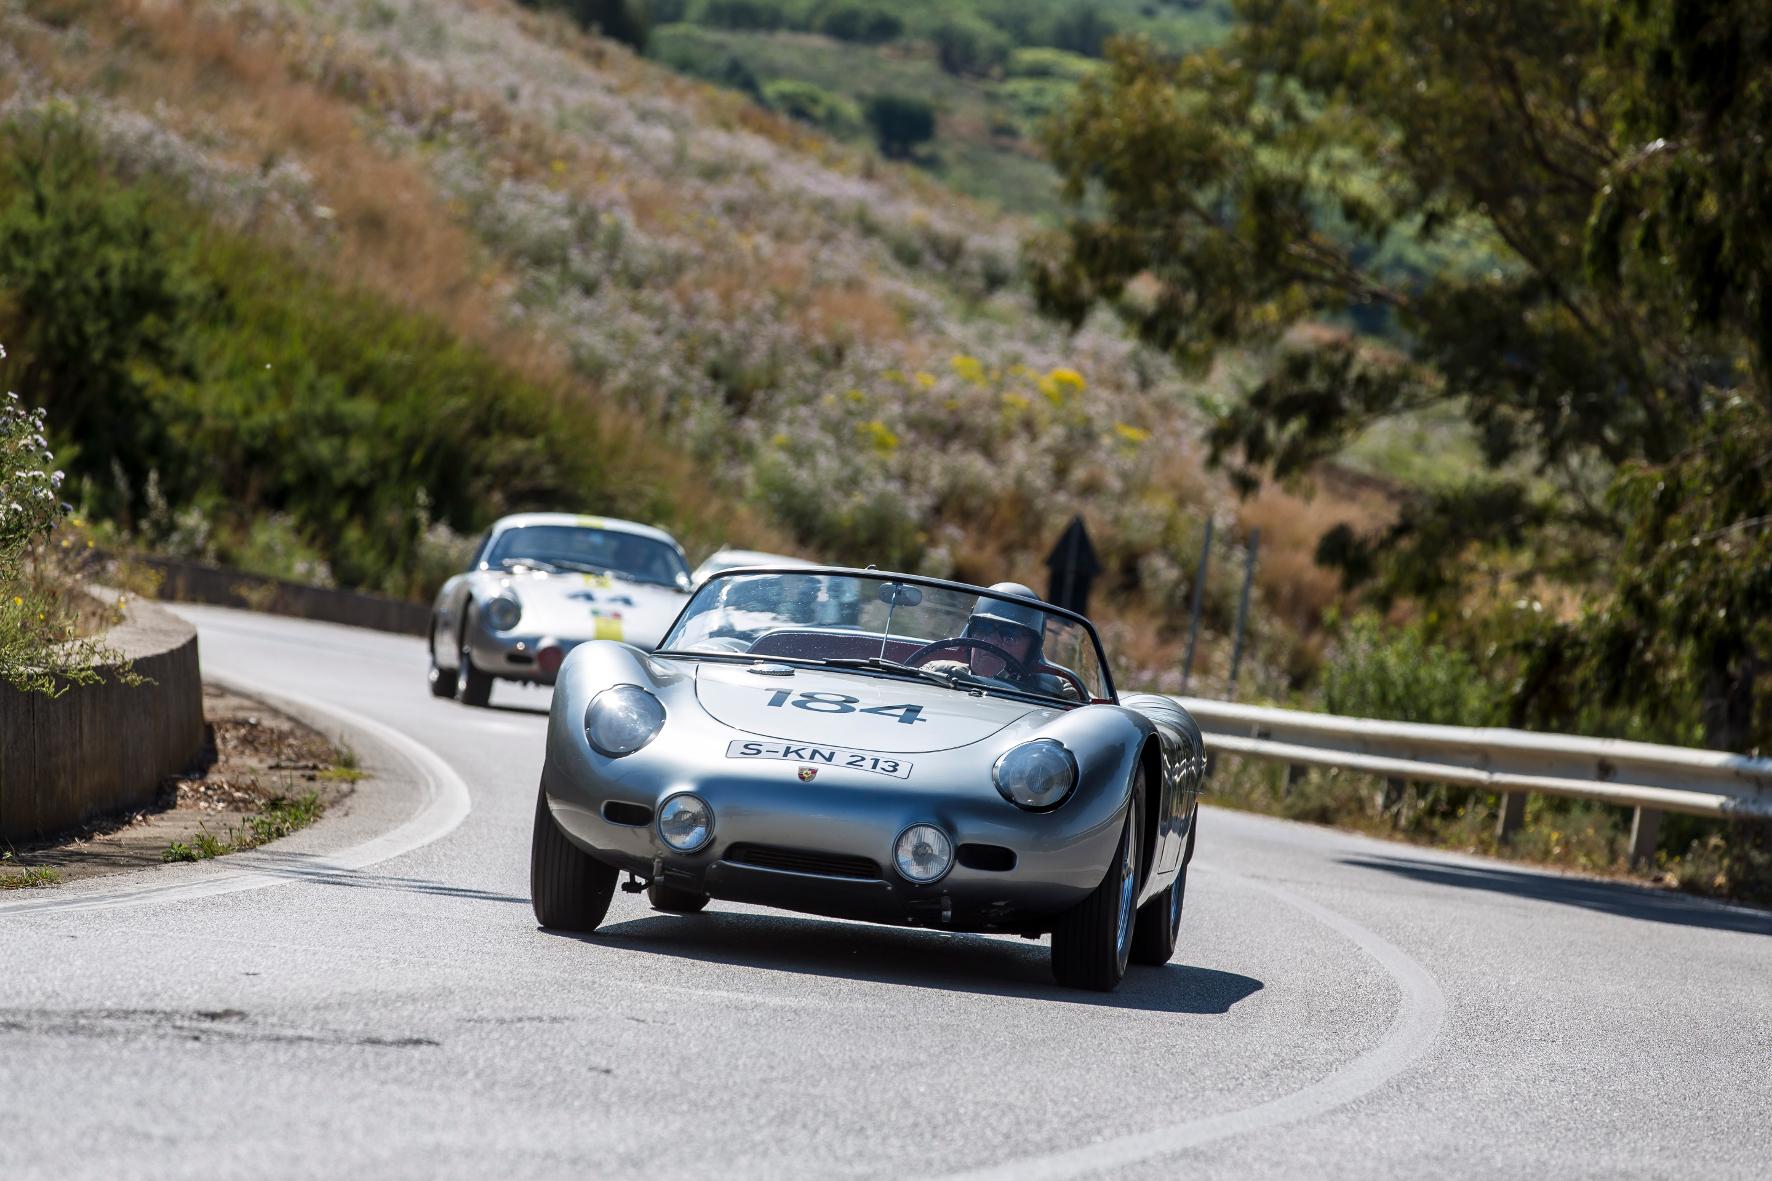 Zeitlos schön: der 718 RS 60 Spyder. Beim Berglauf am Rossfeld können die Fans den Sportwagen jetzt wieder bestaunen.